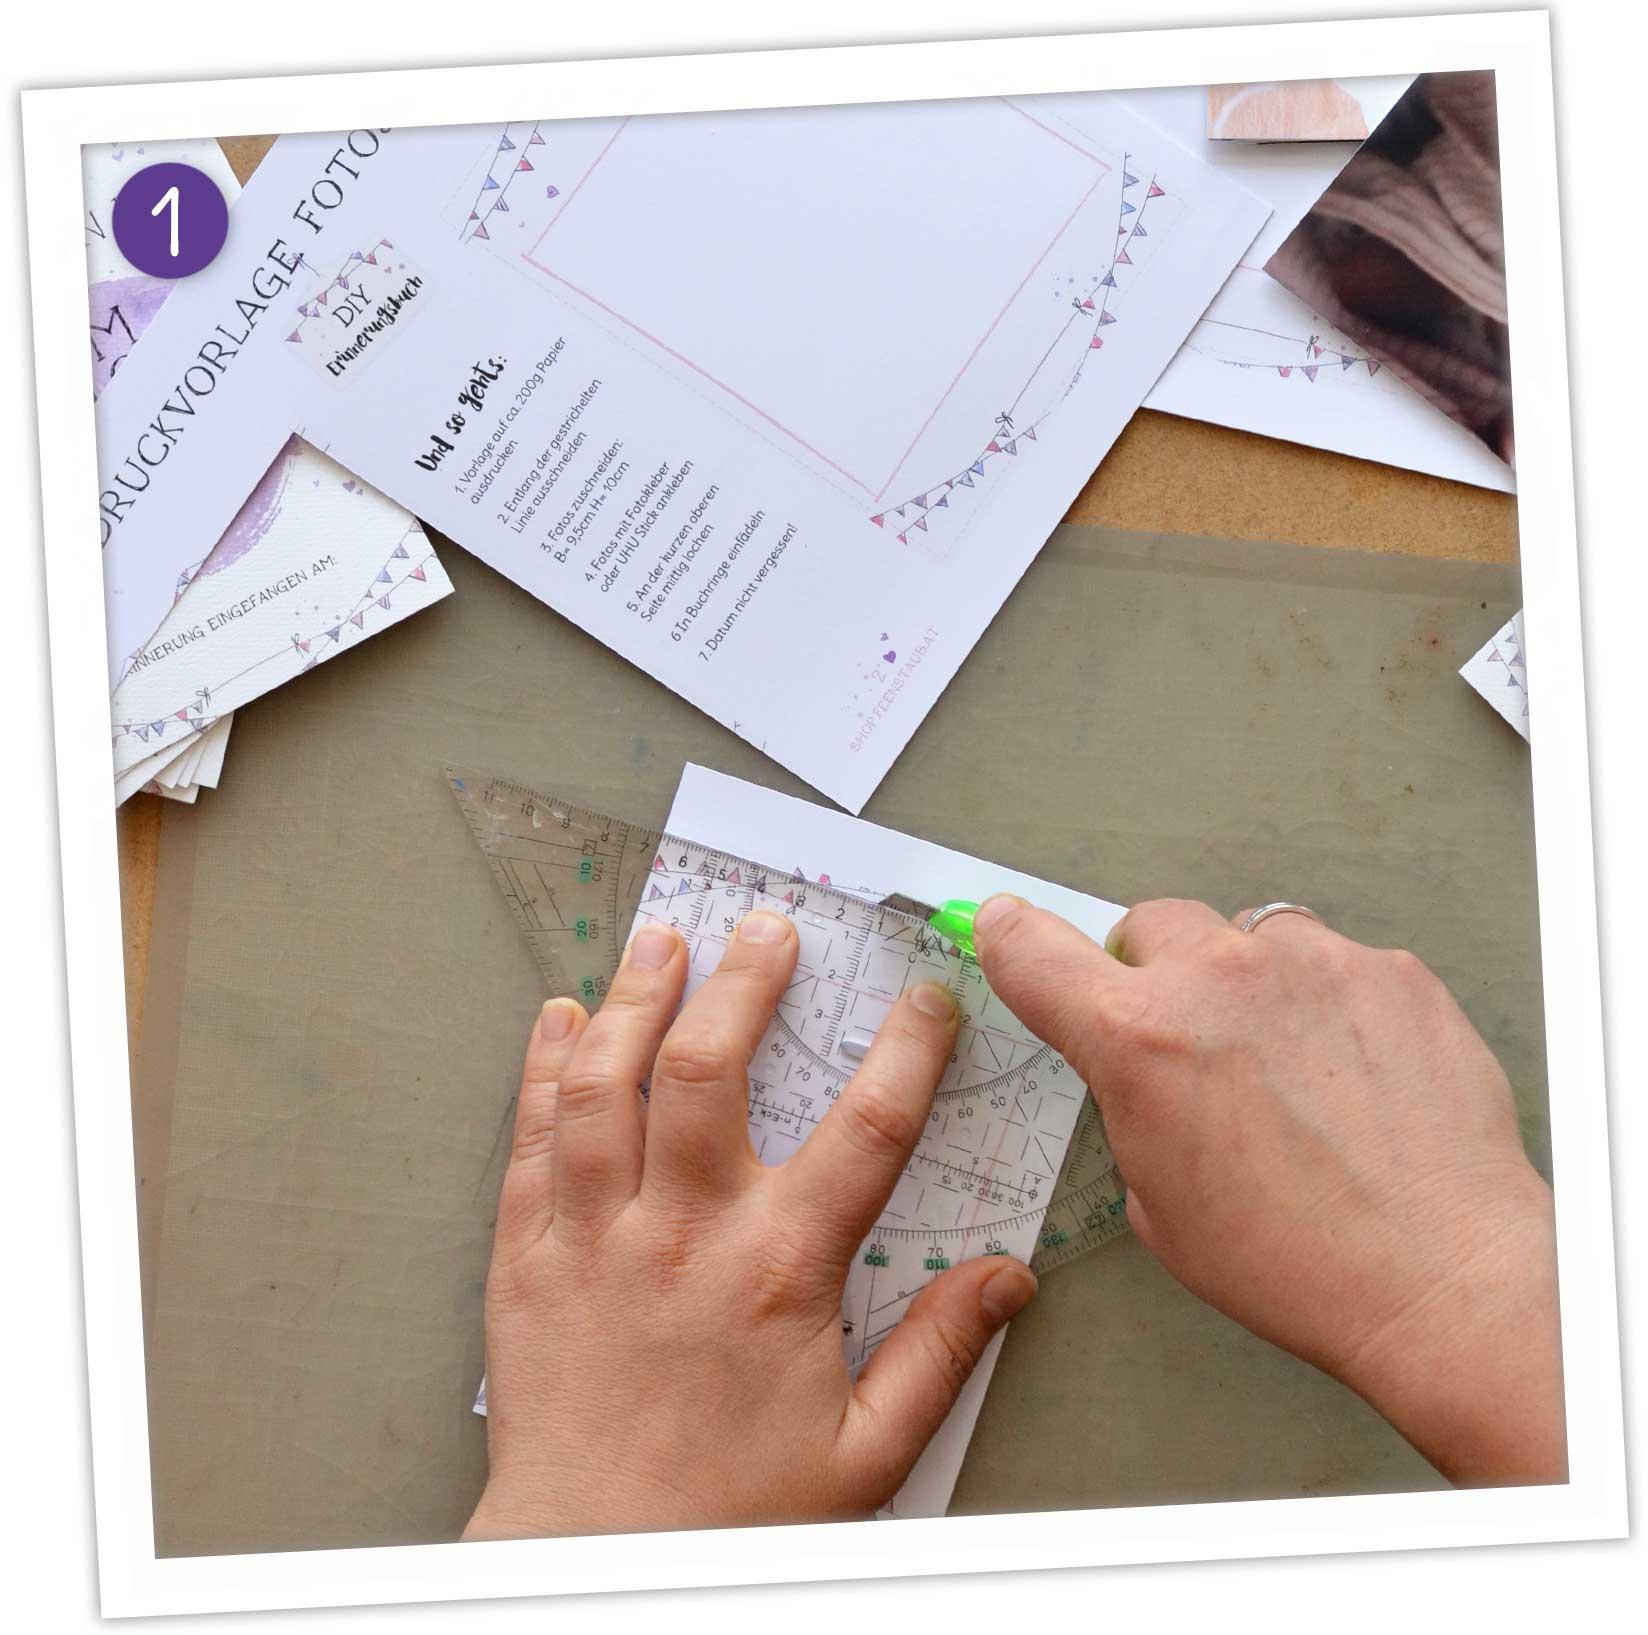 DIY Erinnerungsalbum selber machen: Anleitung Fotoseiten zuschneiden